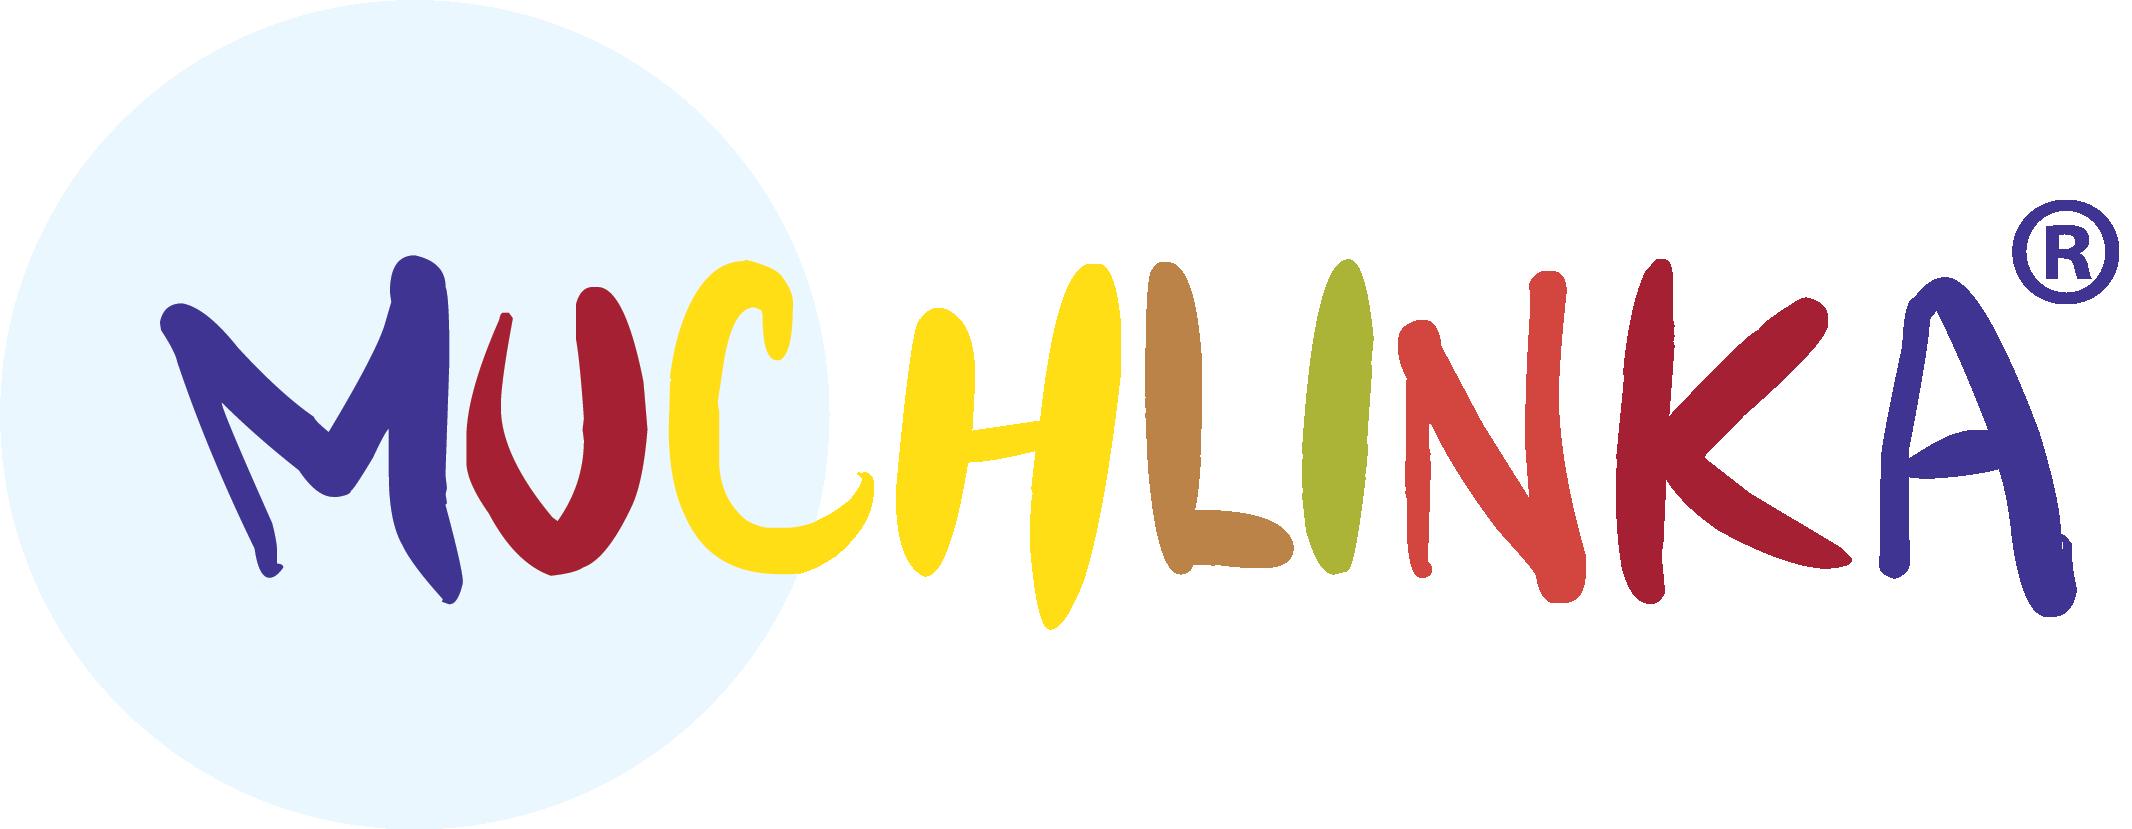 muchlinka